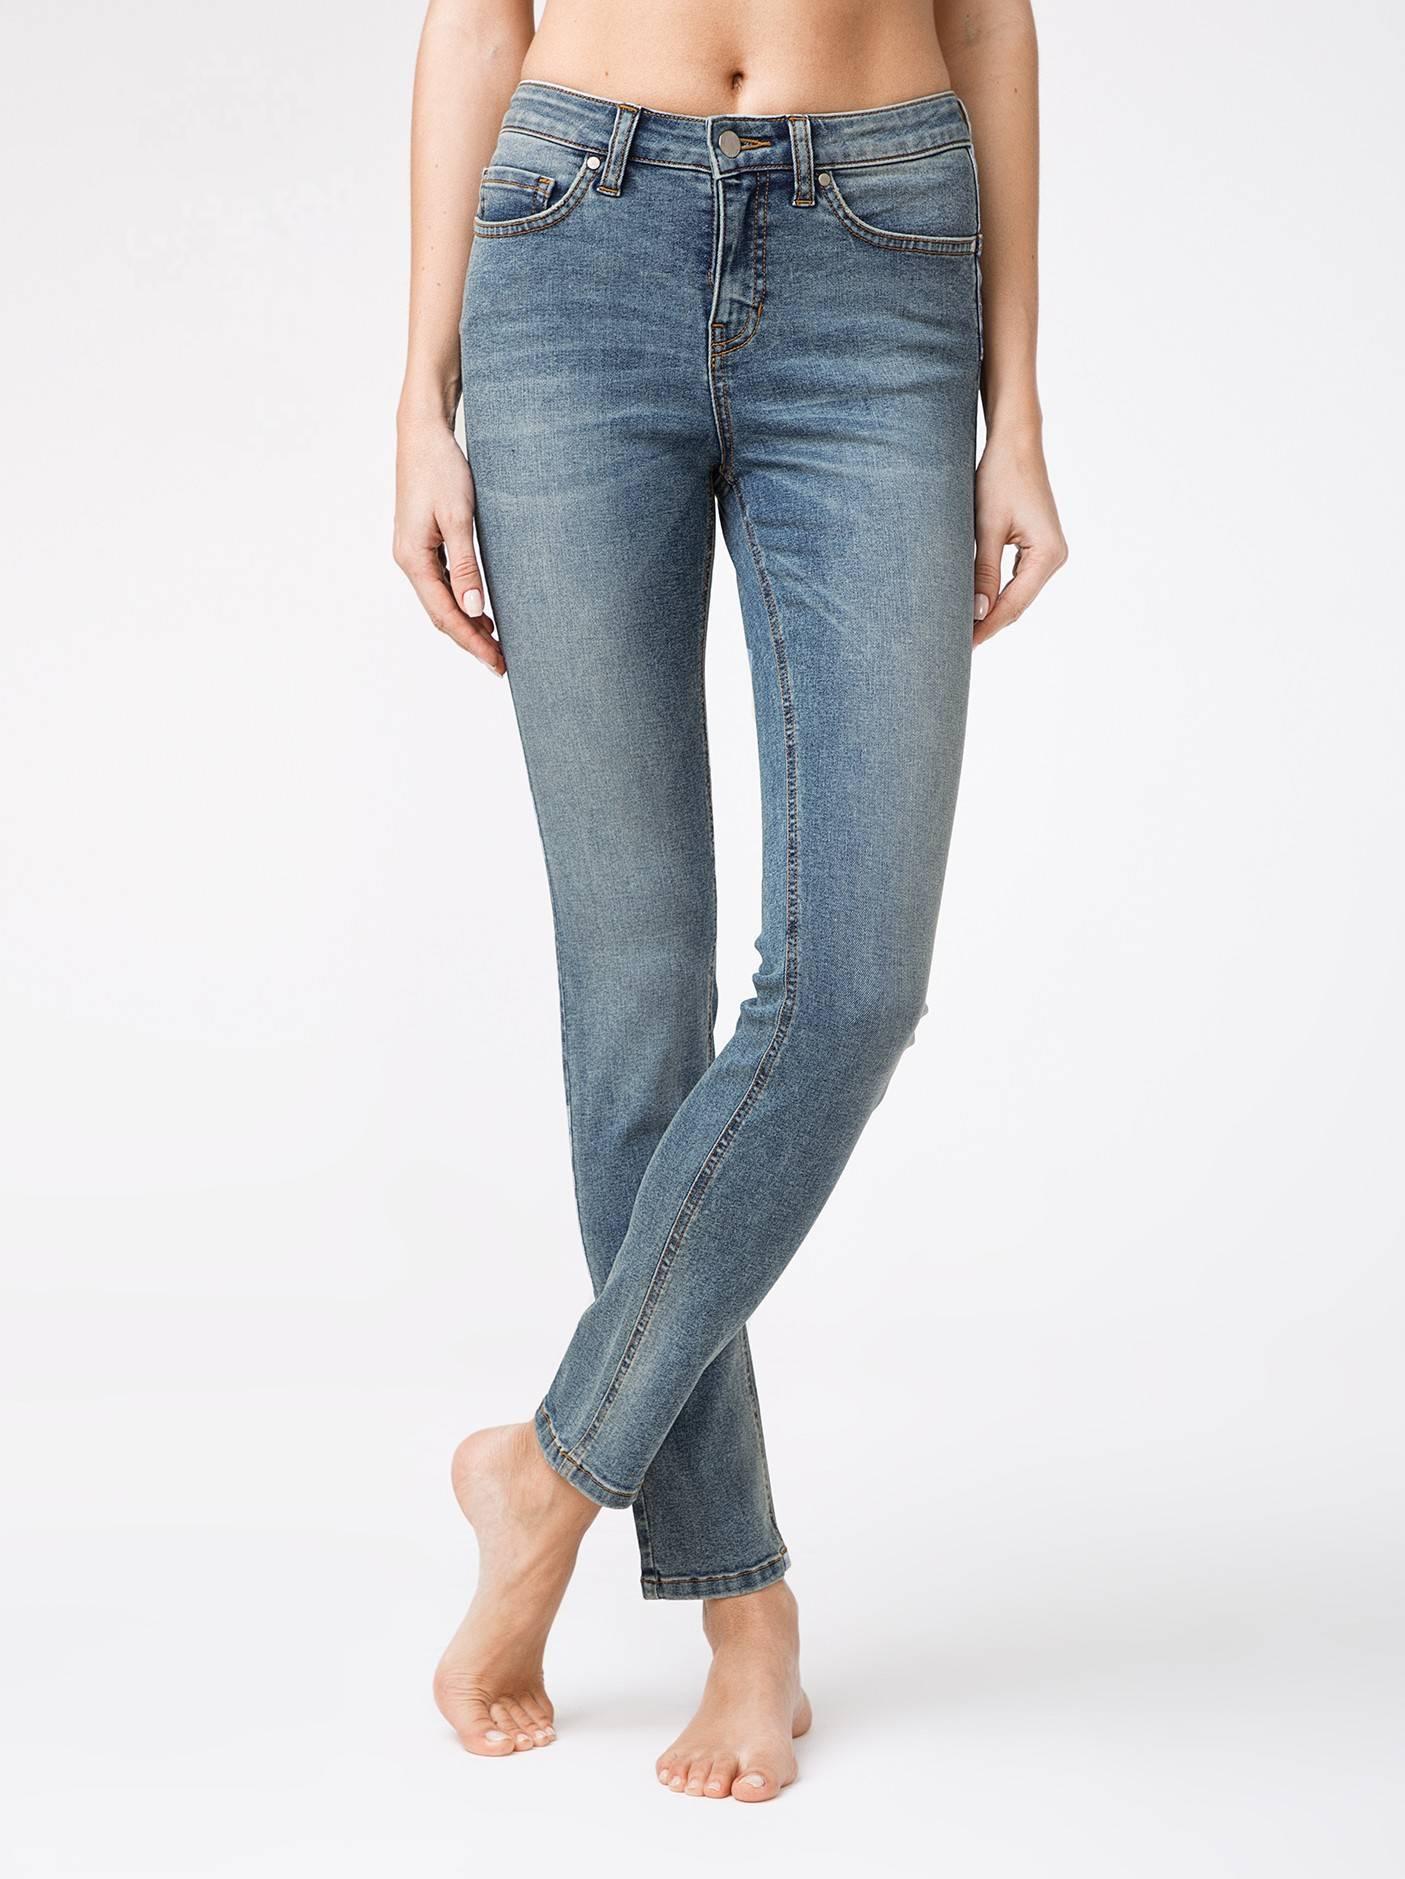 Брюки джинсовые женские ⭐️ Моделирующие eco-friendly джинсы с высокой посадкой CON-146 ⭐️